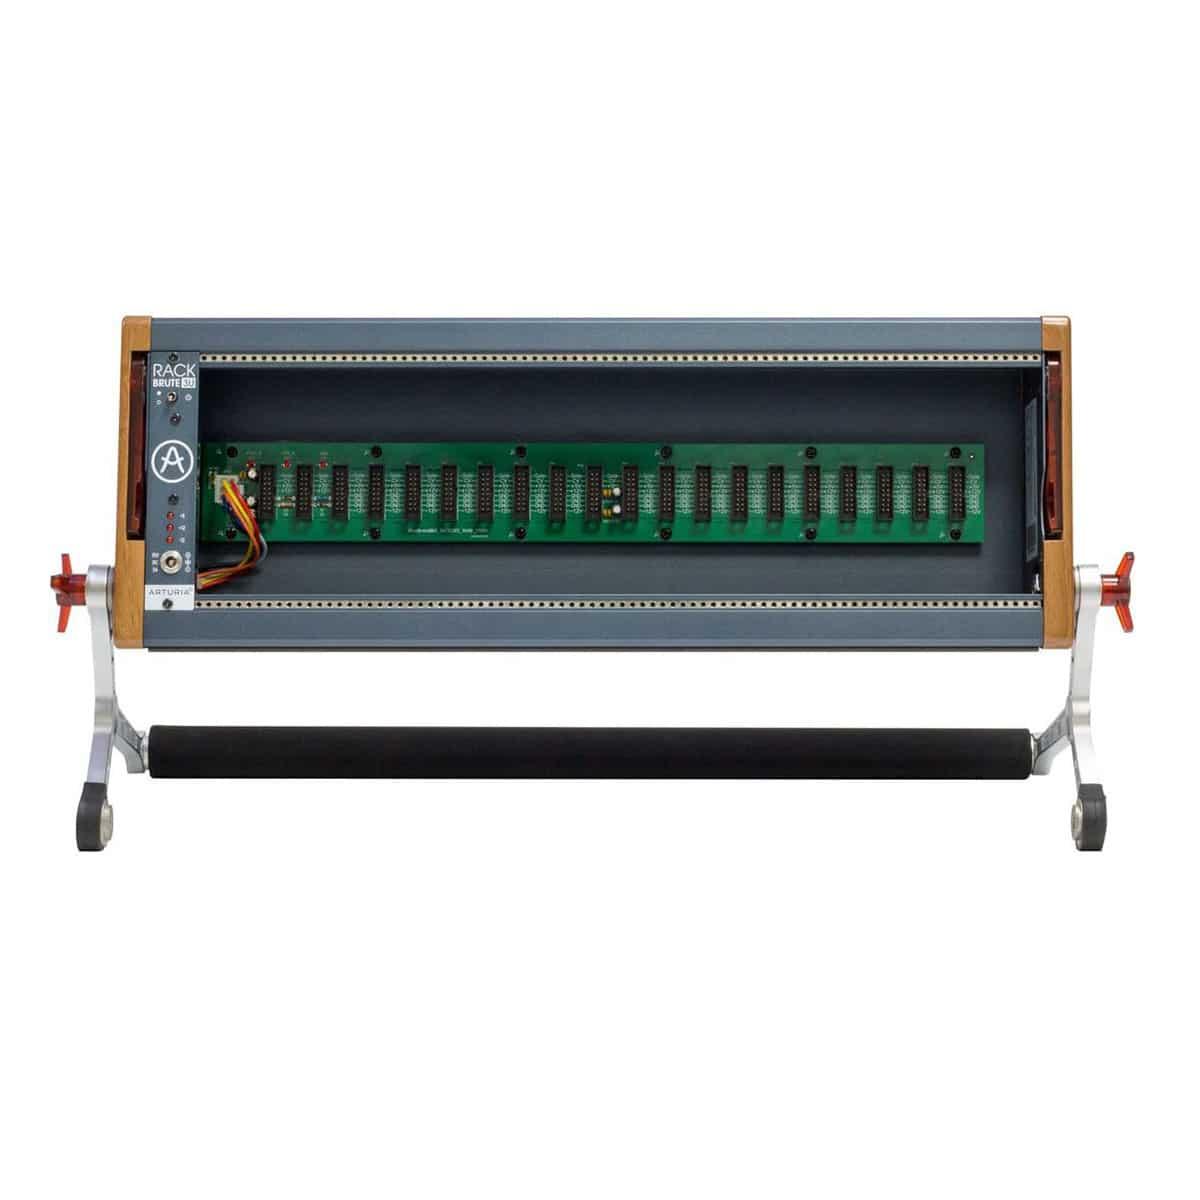 Arturia Rackbrute 3U 01 Sintetizzatori e Drum Machine, Case Eurorack